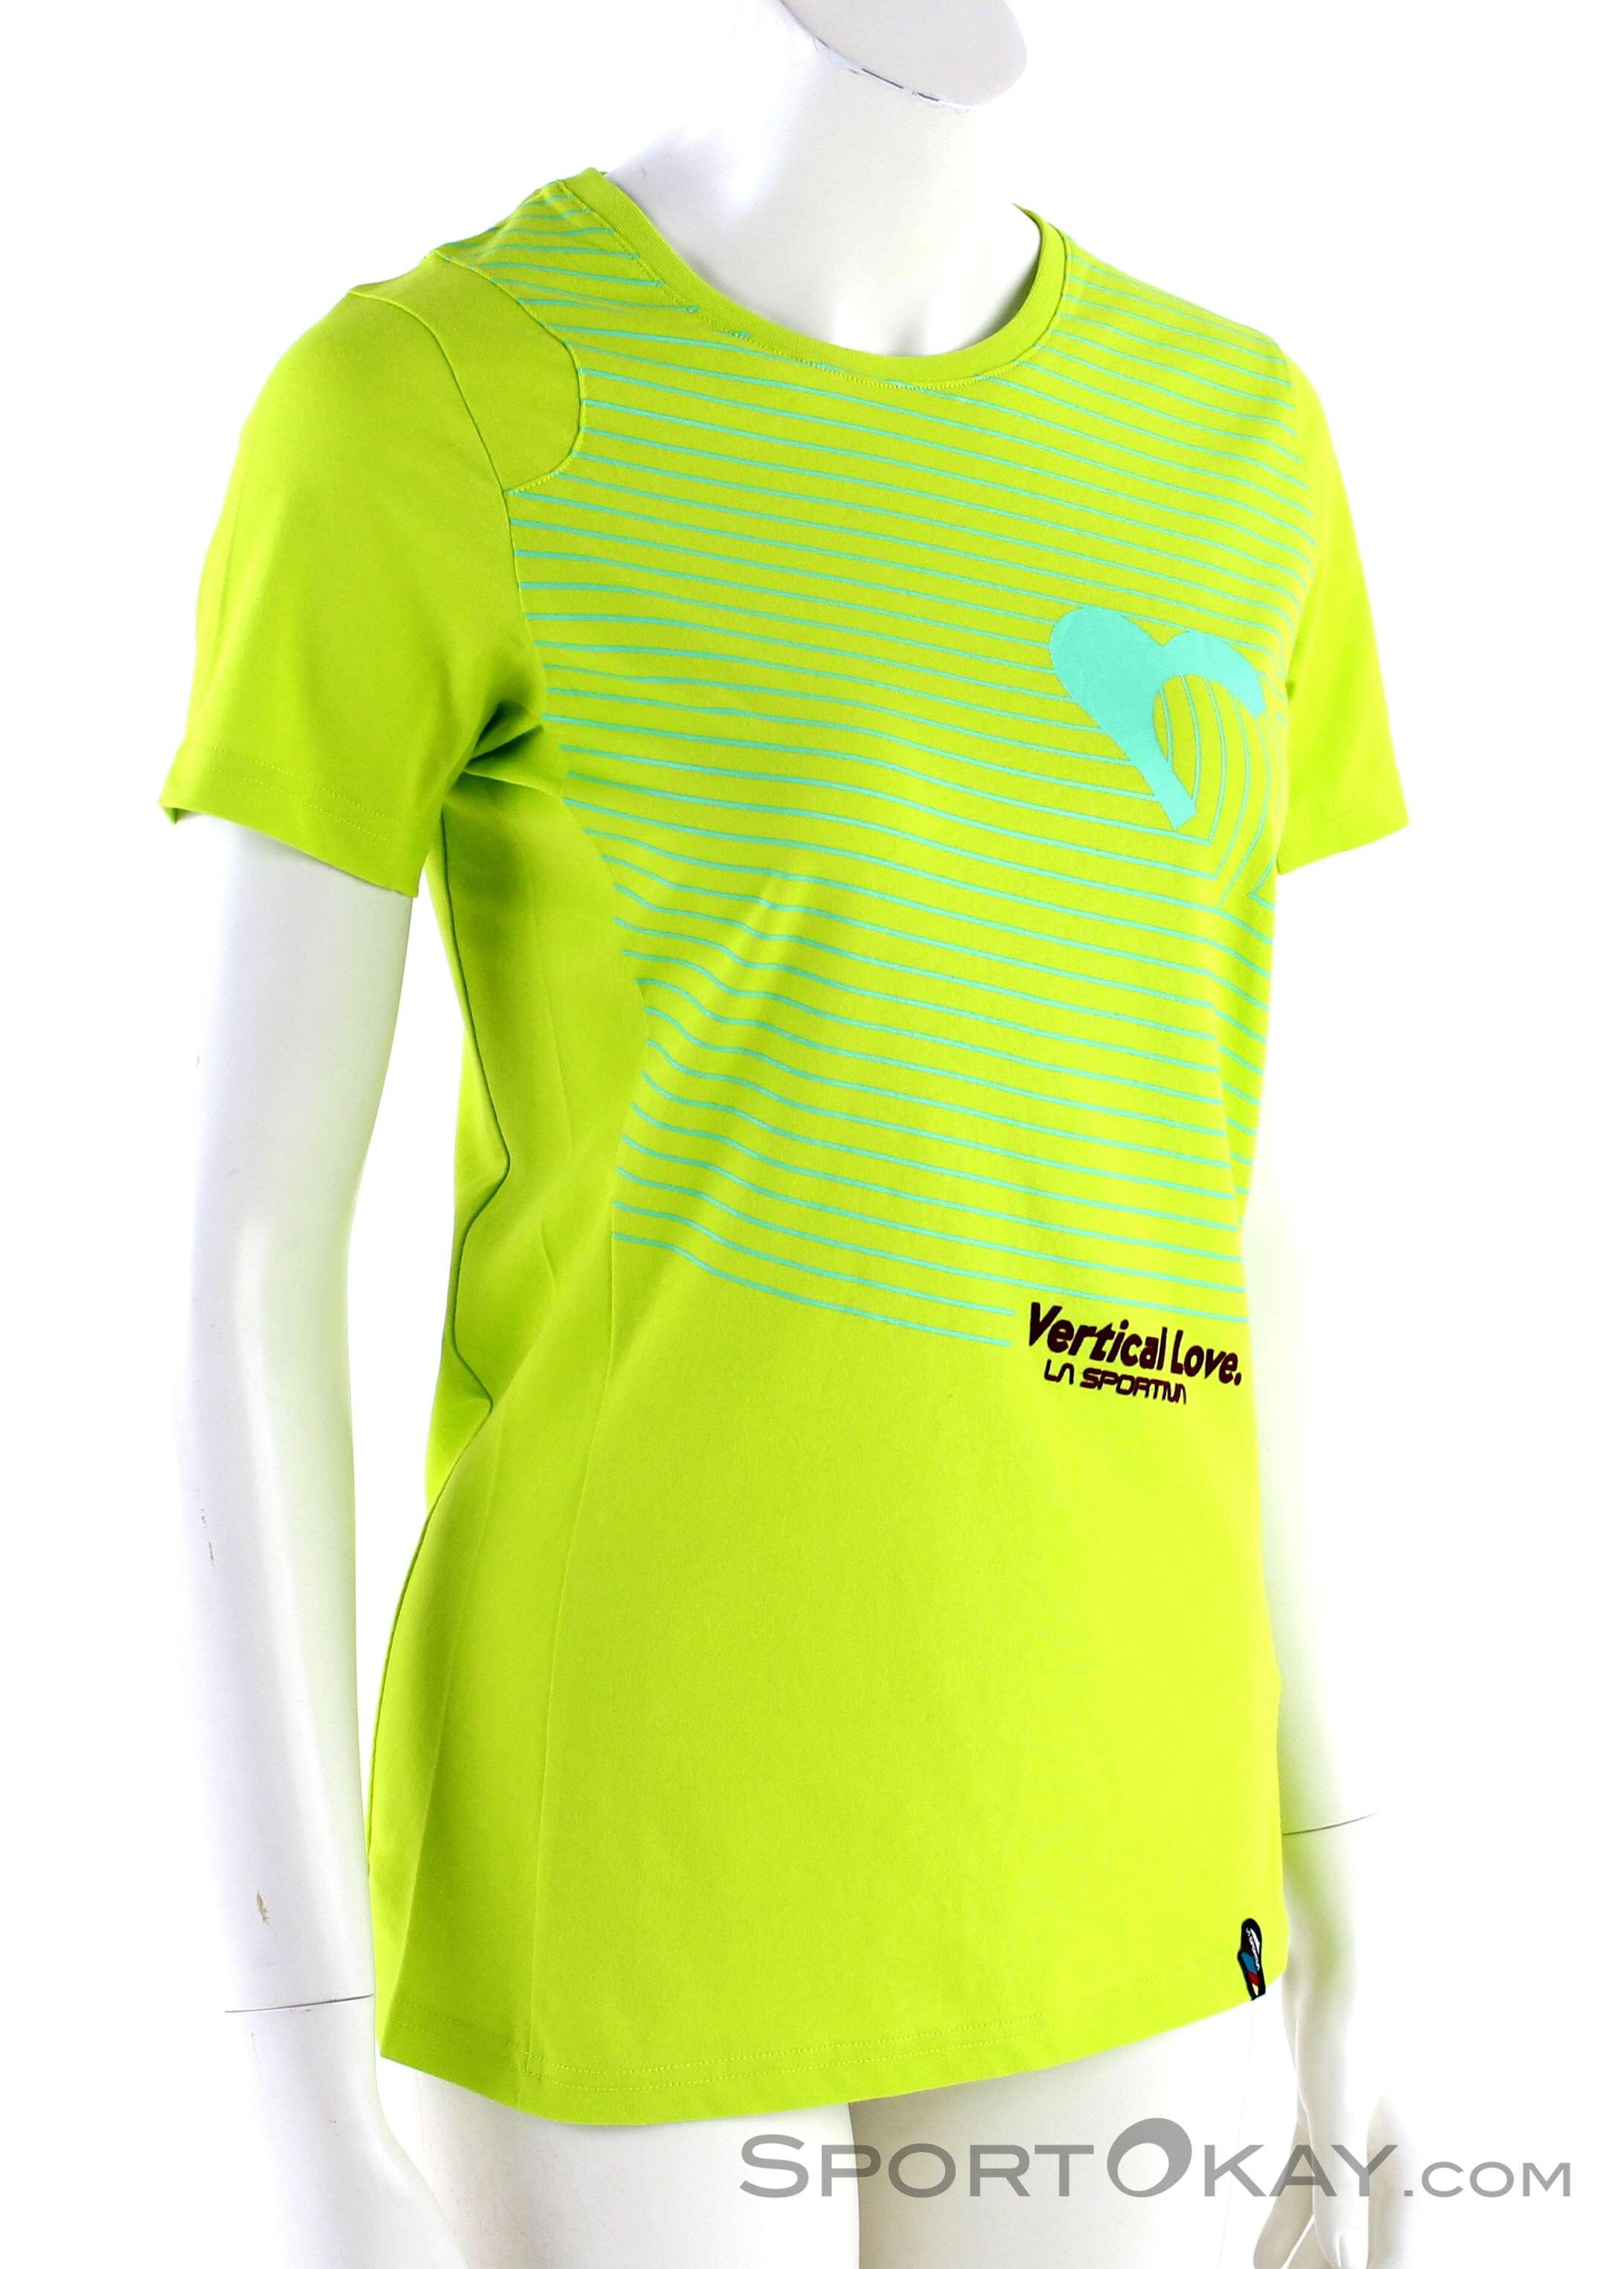 0a441b7778a La Sportiva Vertical Love Womens T-Shirt, La Sportiva, Yellow, , Female